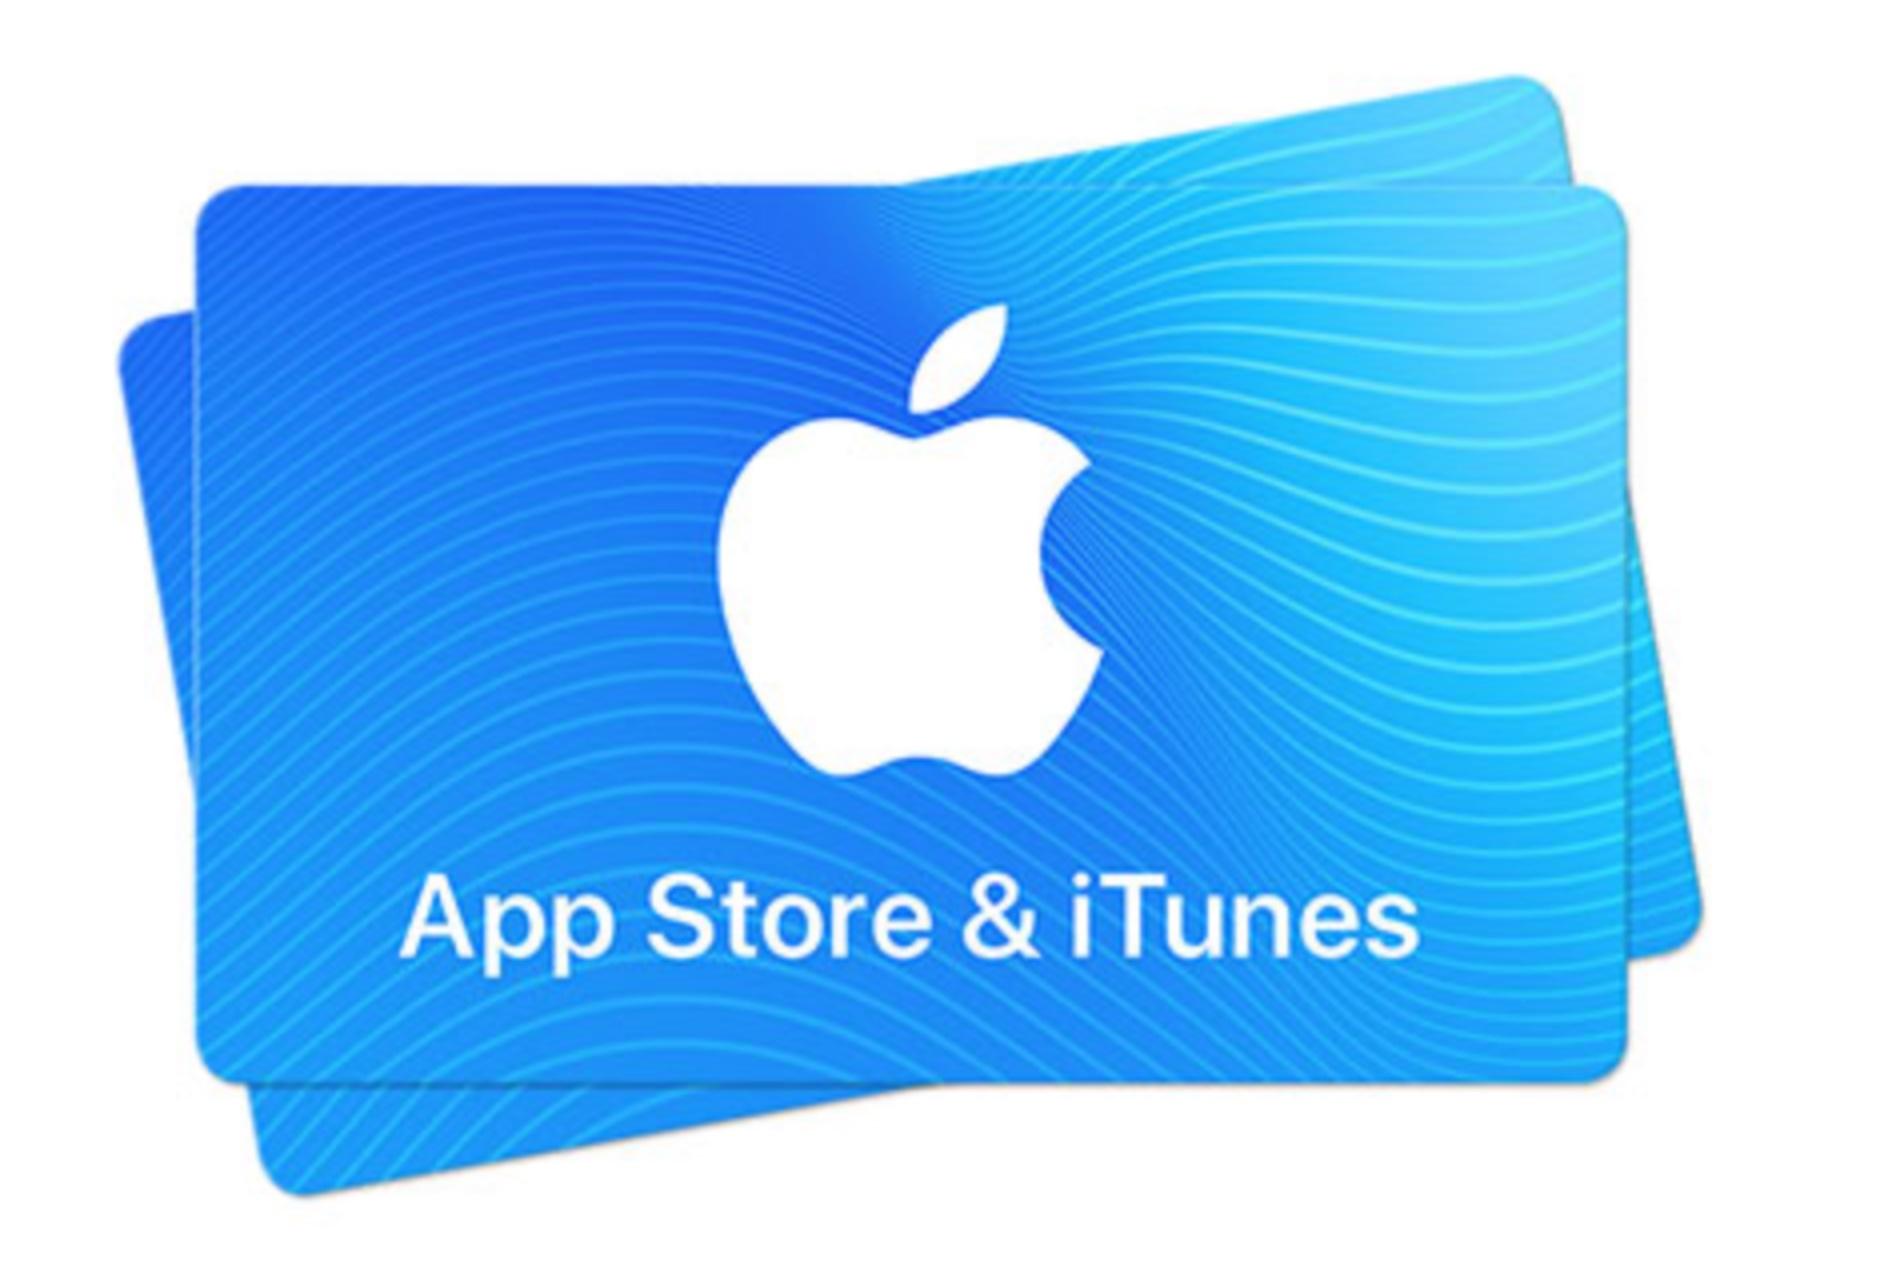 コンビニ各社、App Store & iTunes ギフトカード バリアブルで10%分のボーナスがもれなくもらえるキャンペーン実施中(〜2021年8月15日)